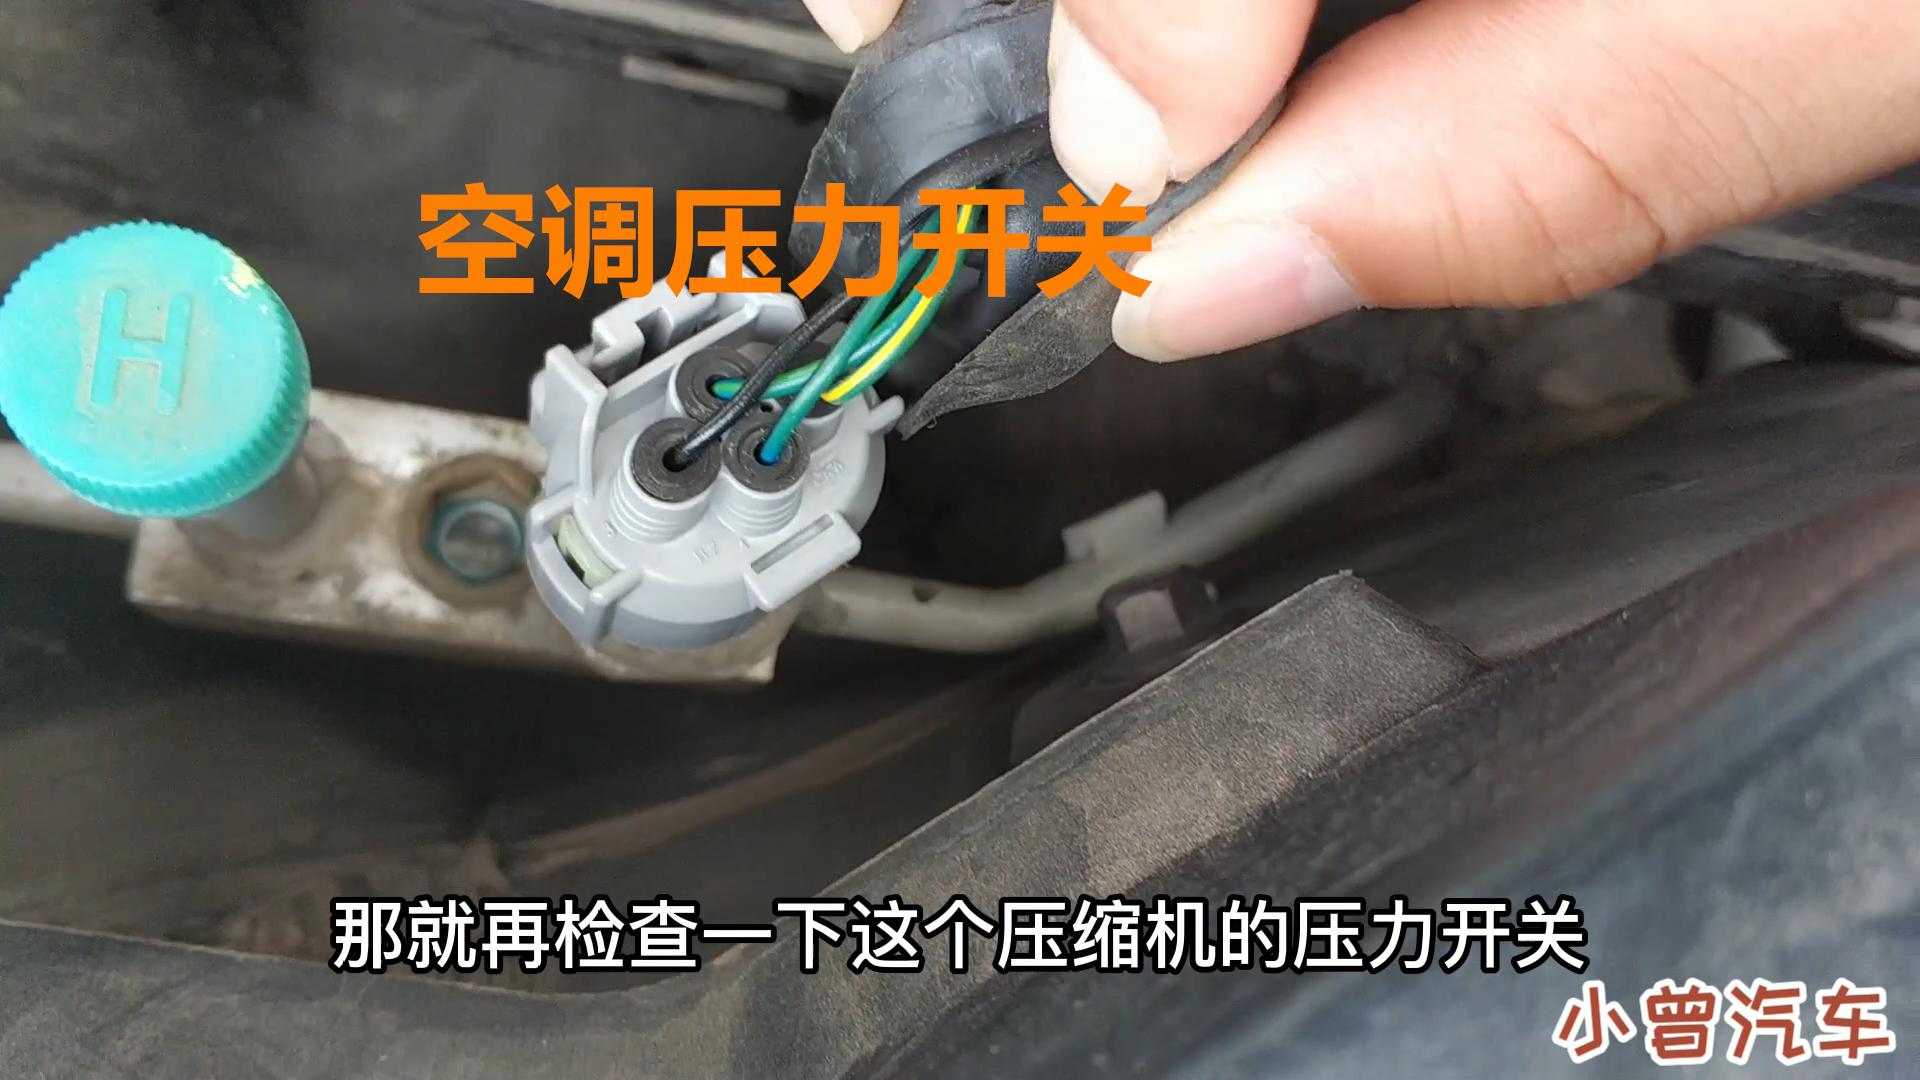 汽车空调不制冷,就是它坏了,自己动手就能检查维修